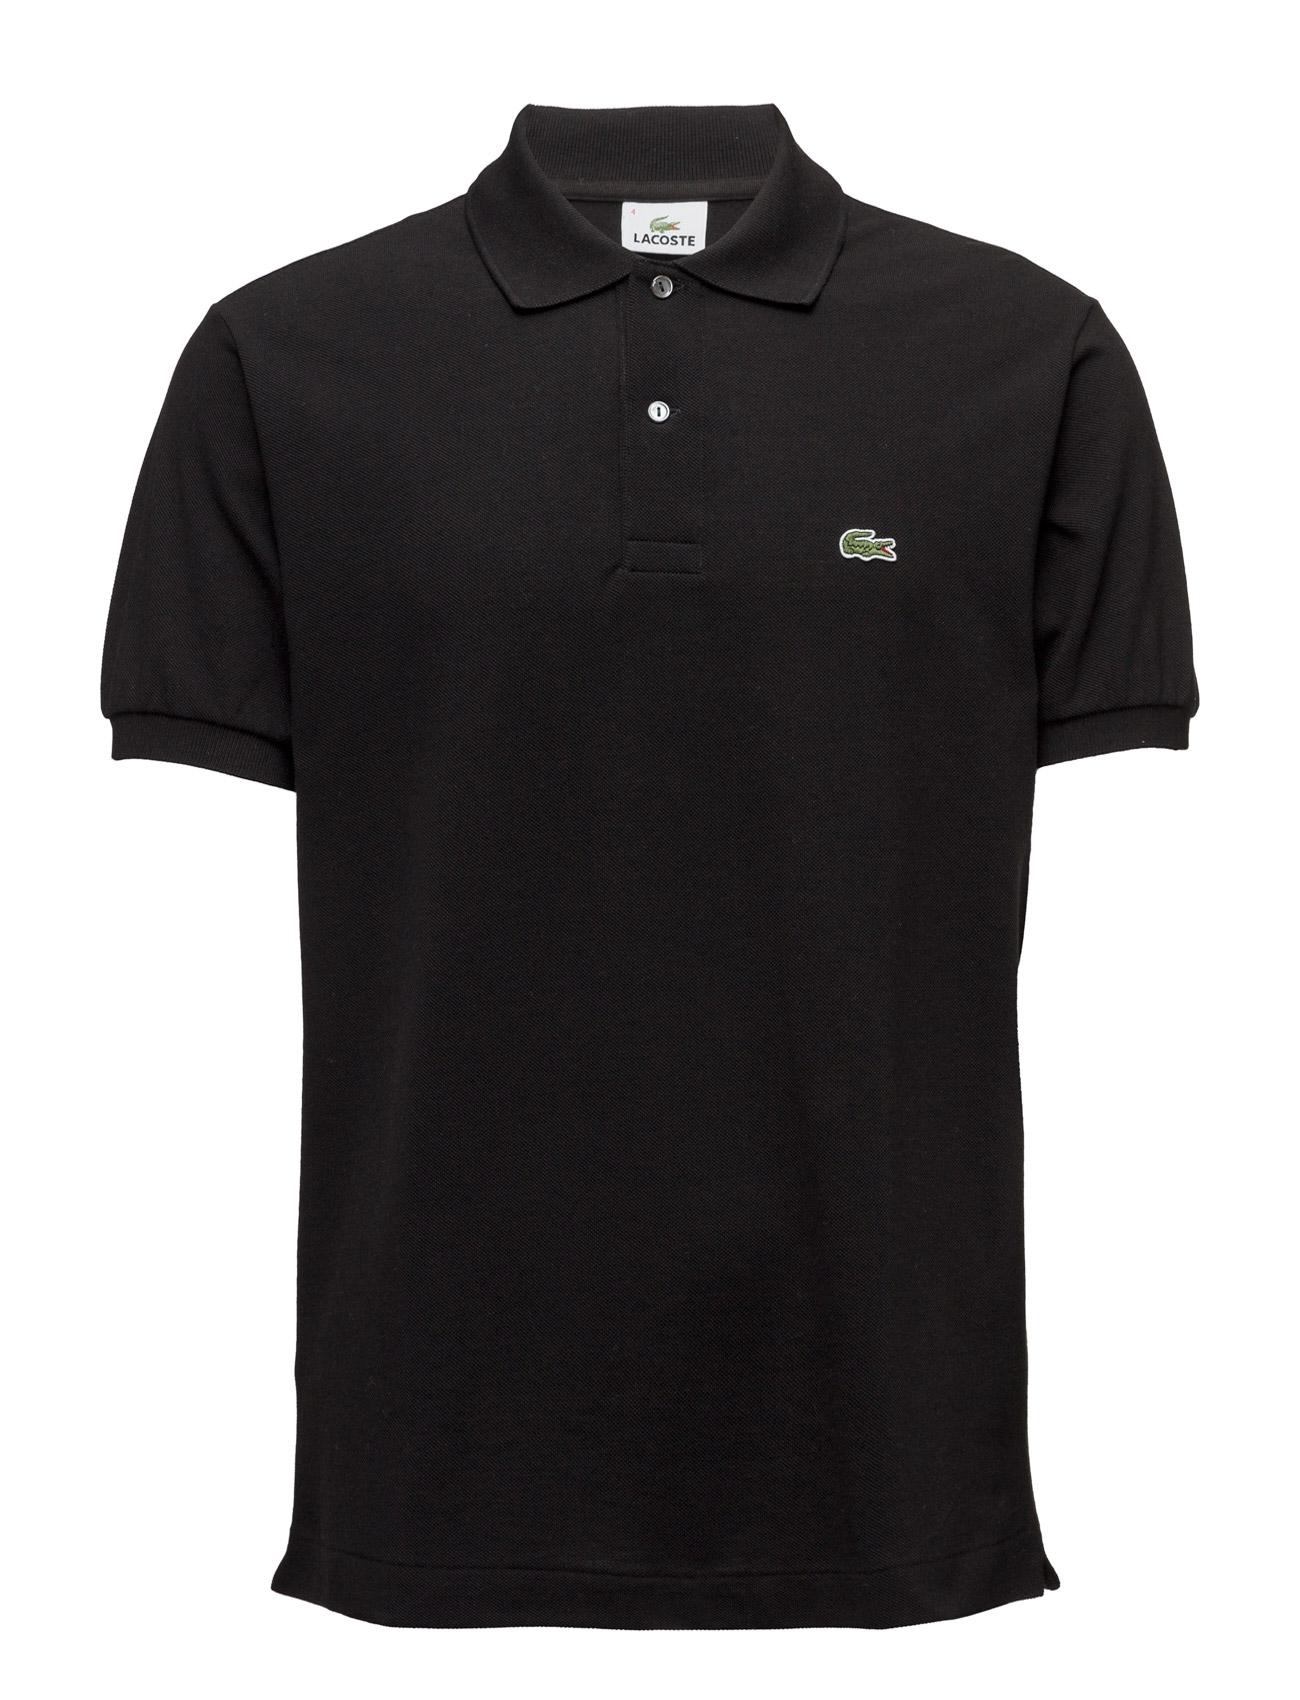 Lacoste Poloshirt Short Sleeves Lacoste  til Herrer i Sort